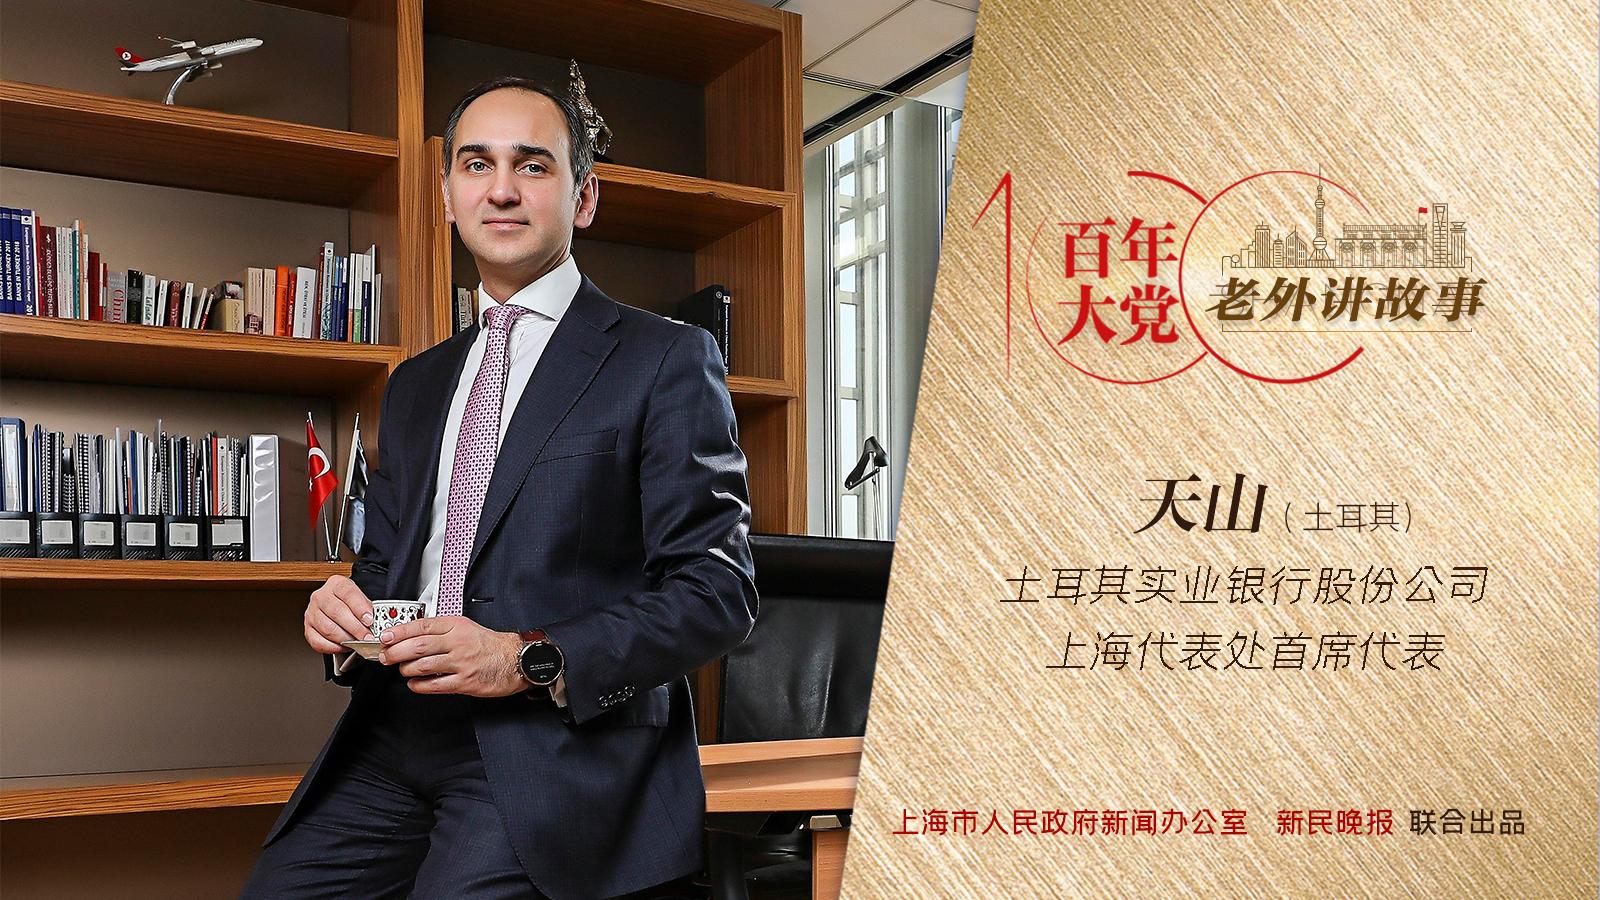 第48期 | 天山:我是中国迷,最喜欢研究中国近代史